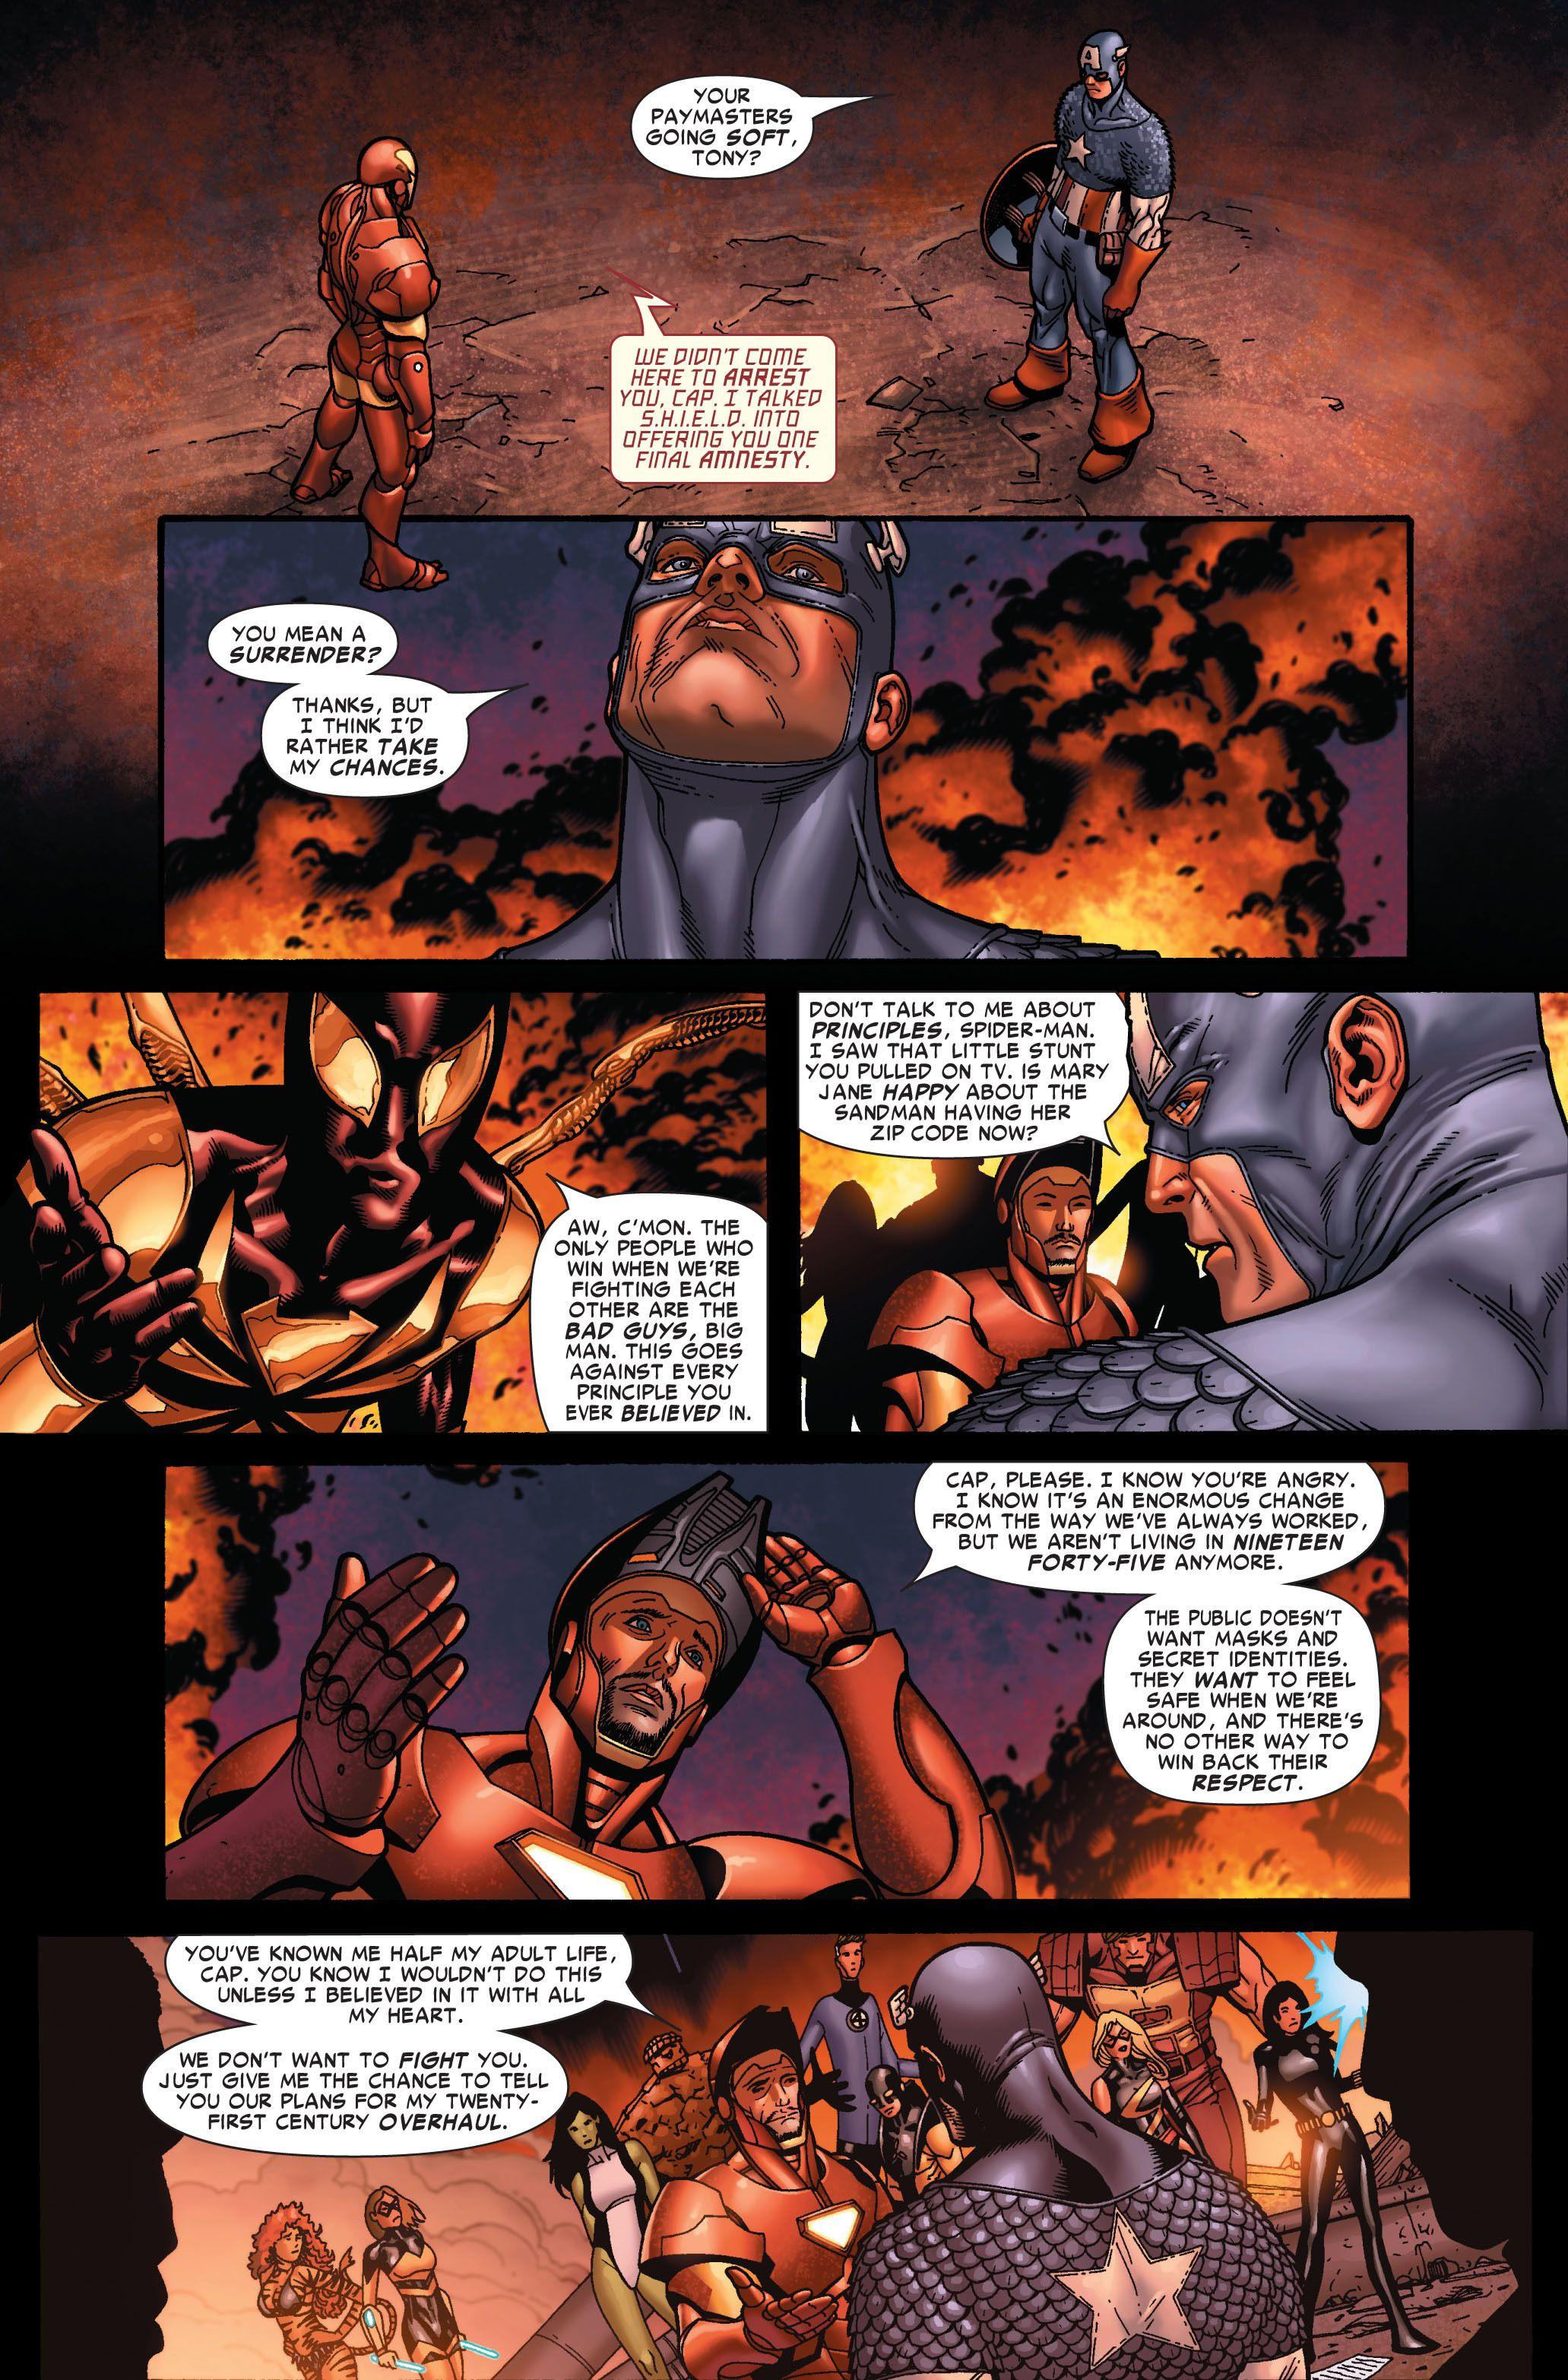 Marvel's Civil War | Episode 3 | Issue #3 | Image 12